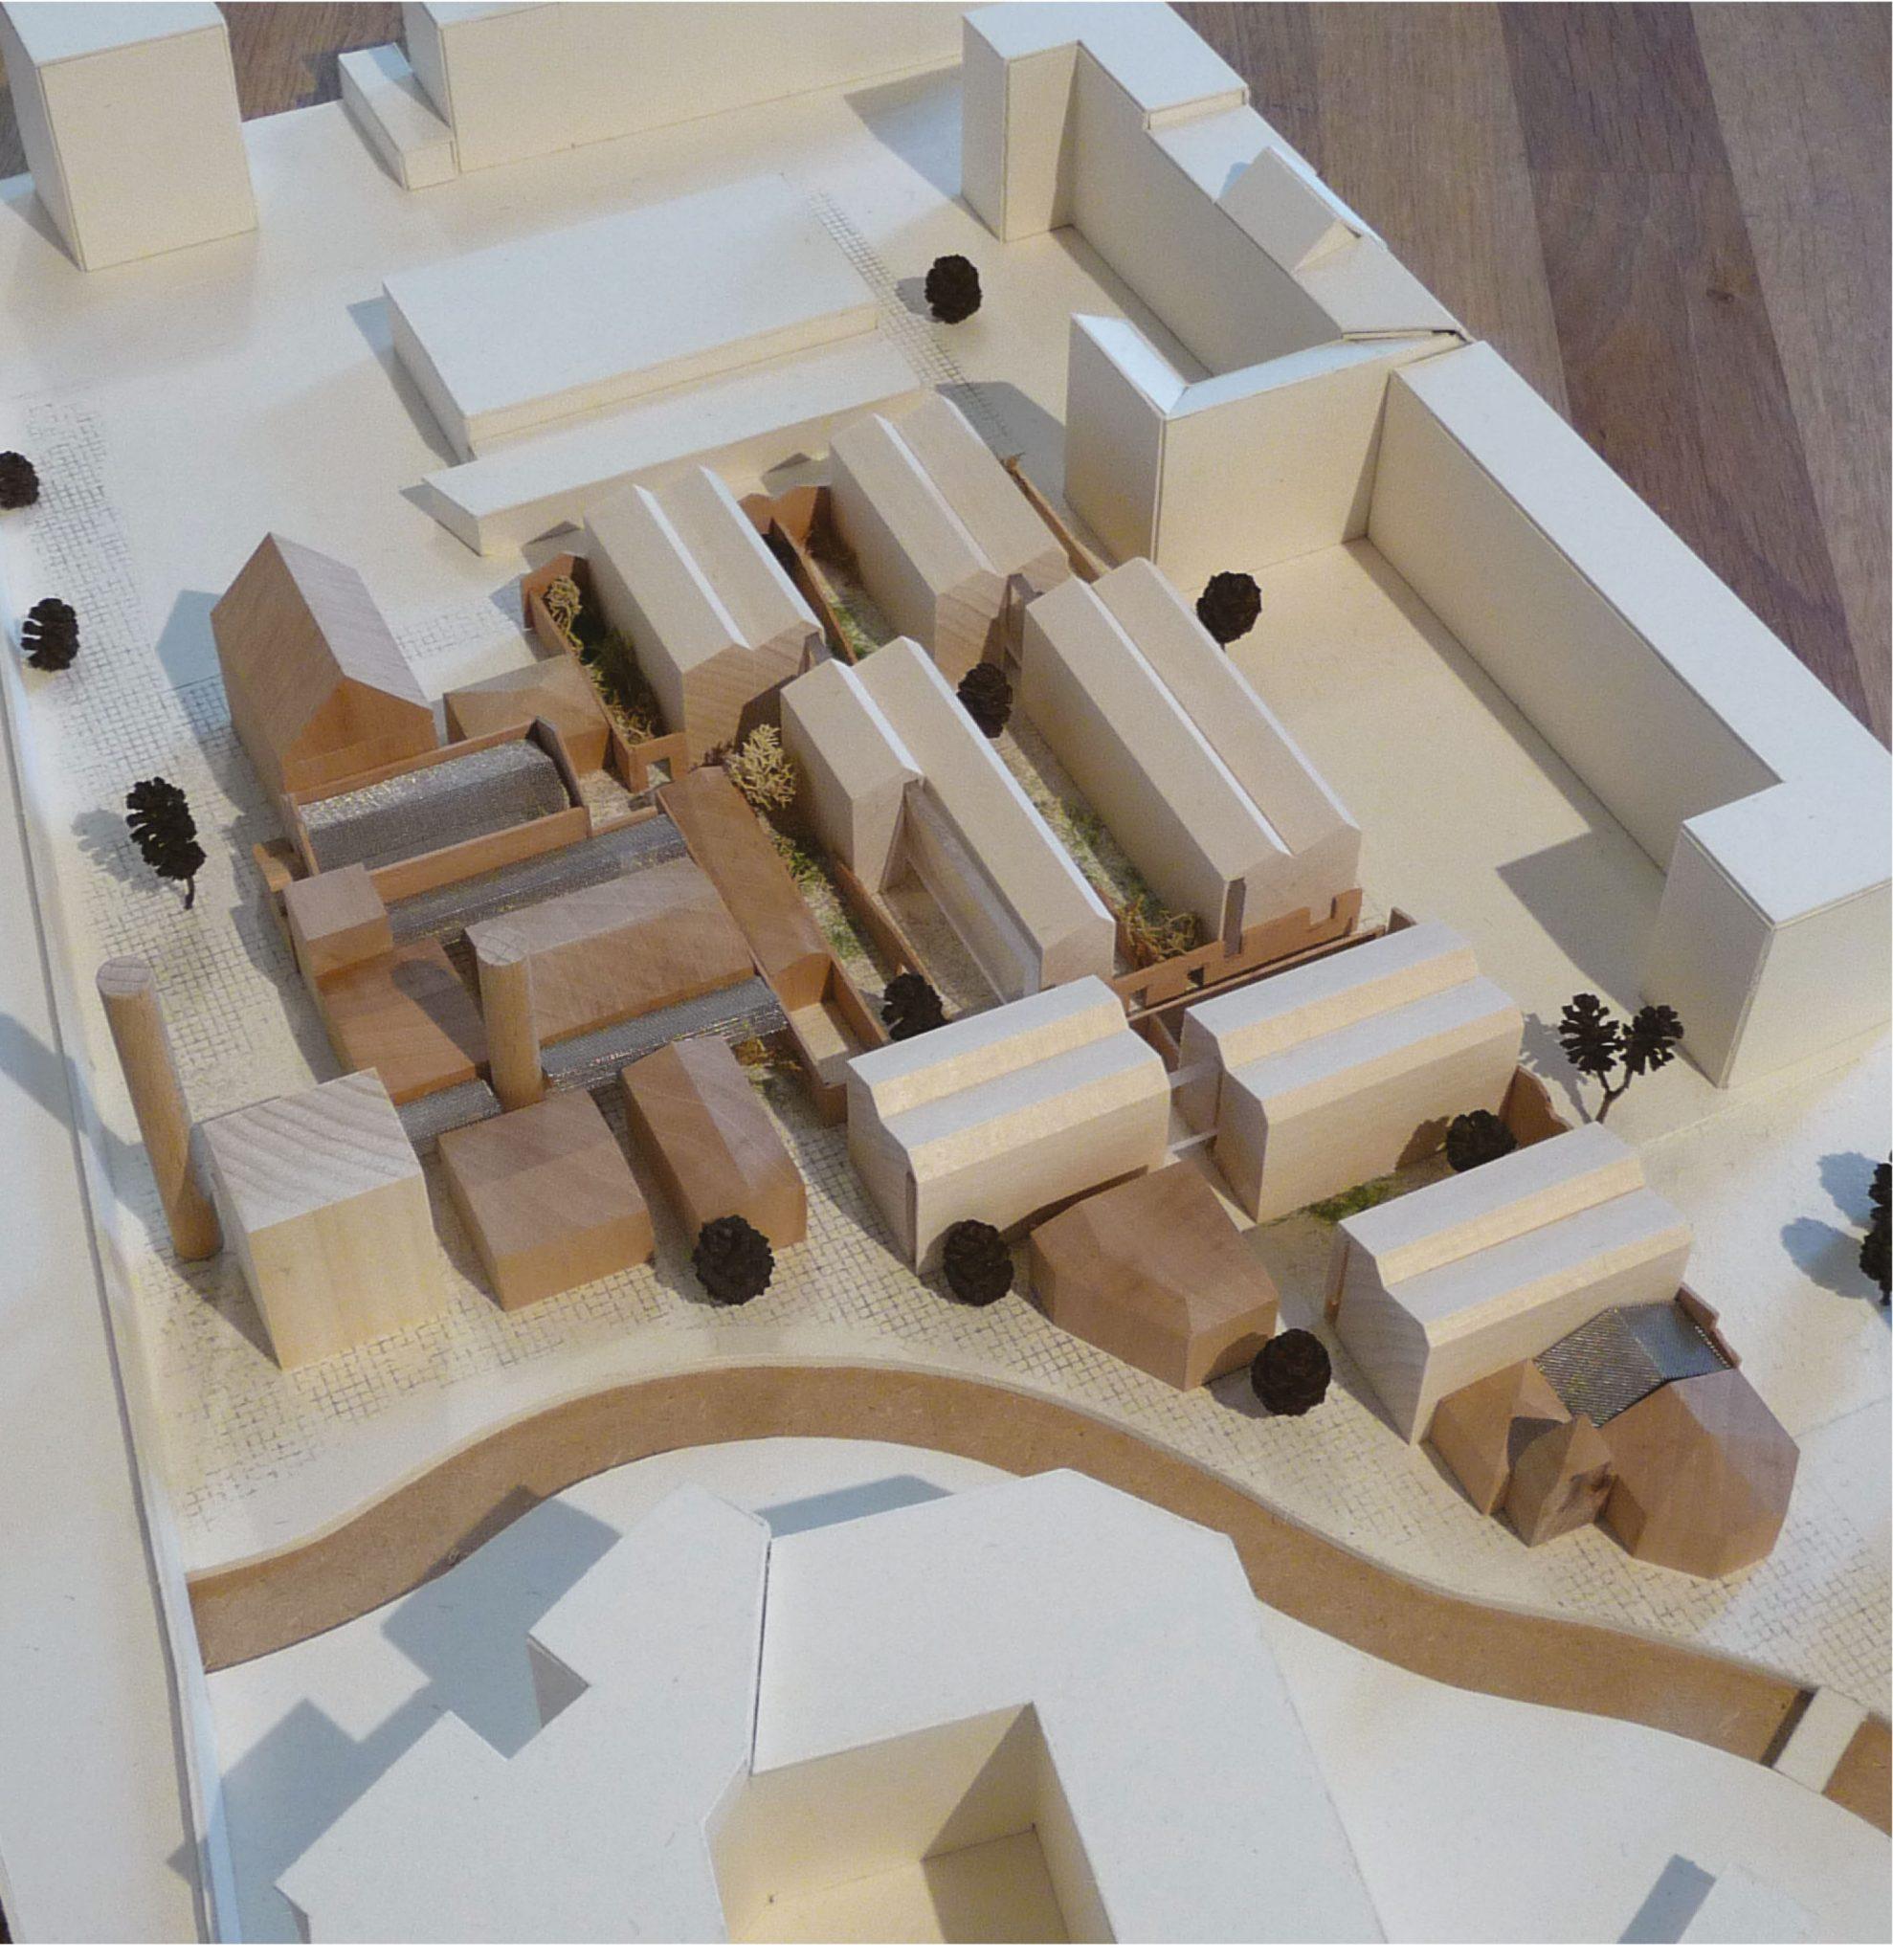 Ruinenreste der Wiesenburg sollen erhalten bleiben, erkennt die Jury am Modell des Büros Die Zusammenarbeiter. Modell: Die Zusammenarbeiter.